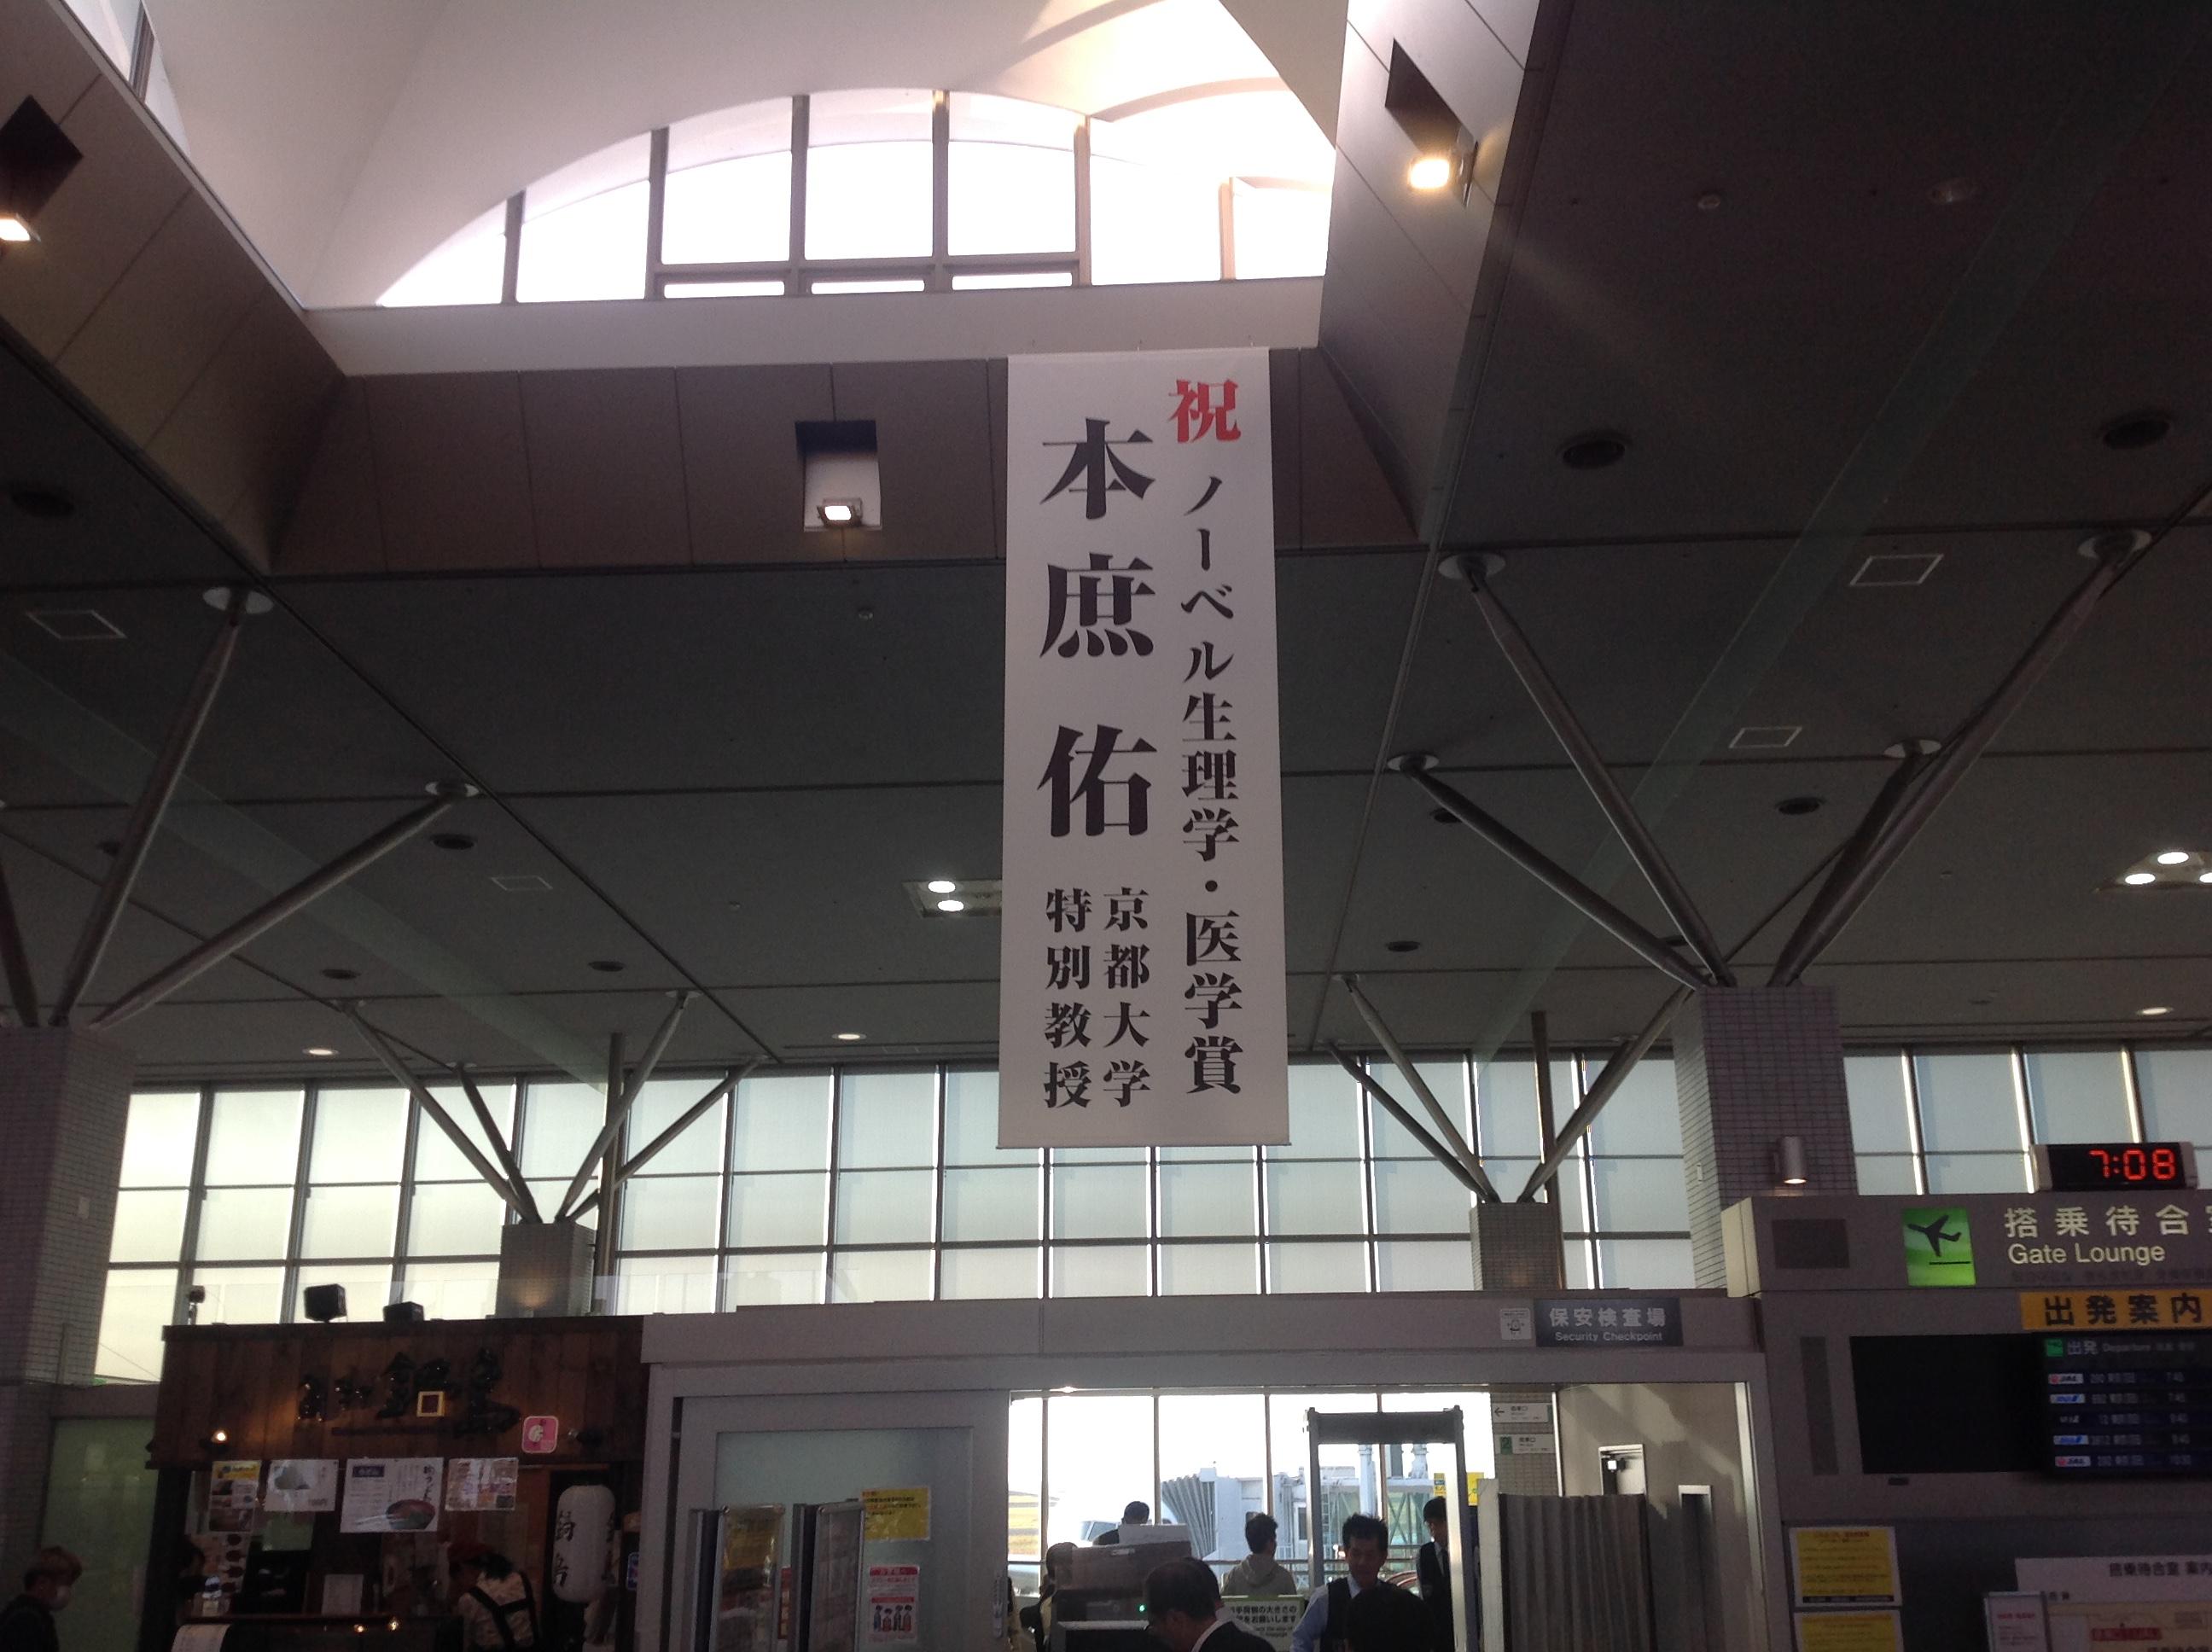 東京出張 東京ビックサイト